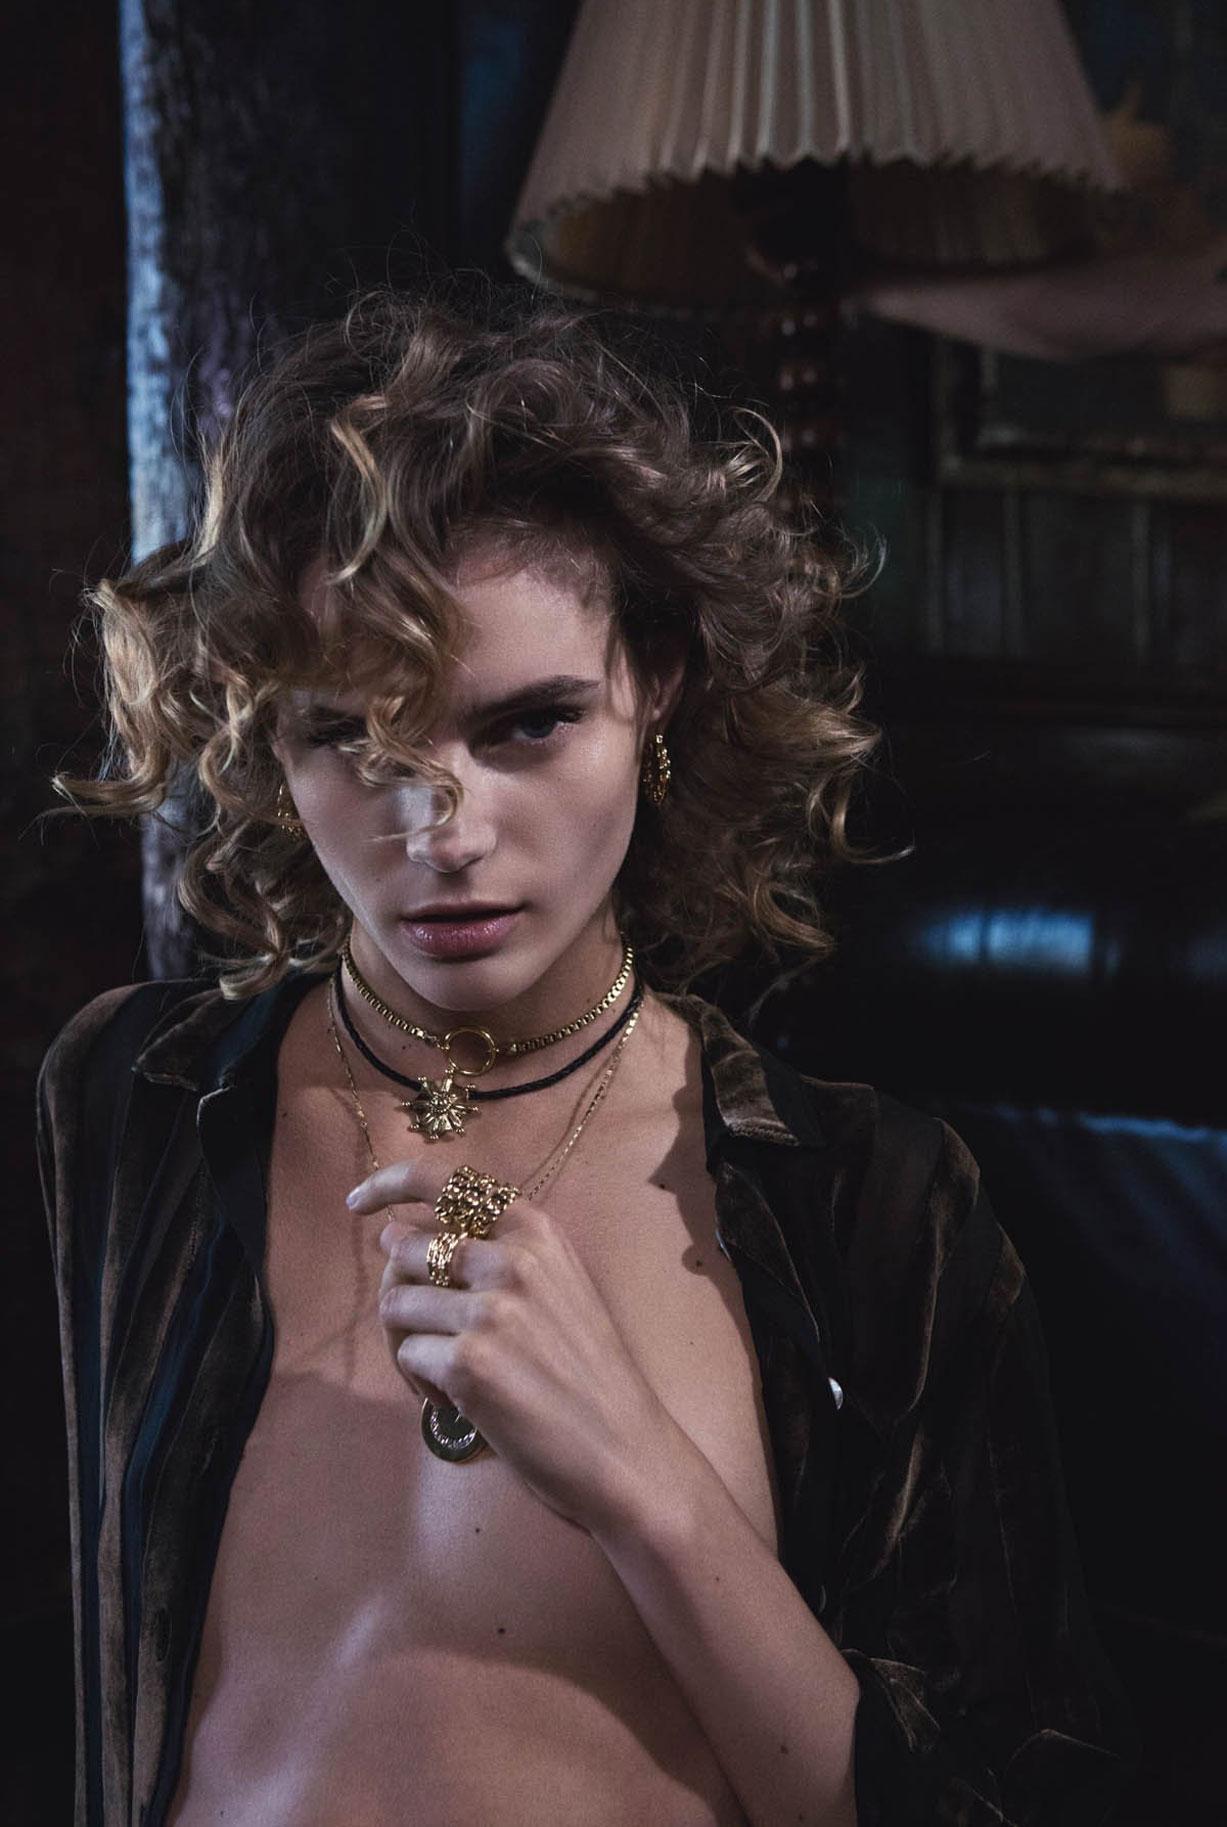 Жужу Иванюк в рекламной кампании одежды и драгоценностей модного бренда Vanessa Mooney / фото 17